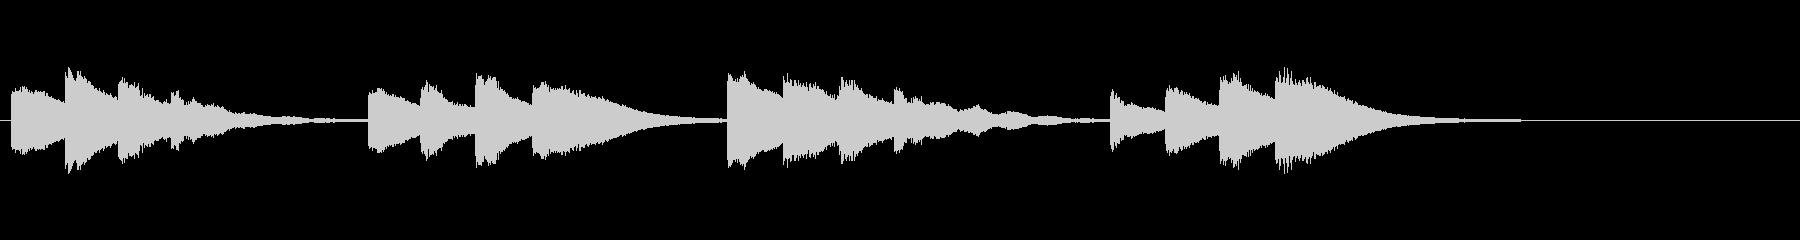 学校のチャイム/キンコンカンコン/低音の未再生の波形